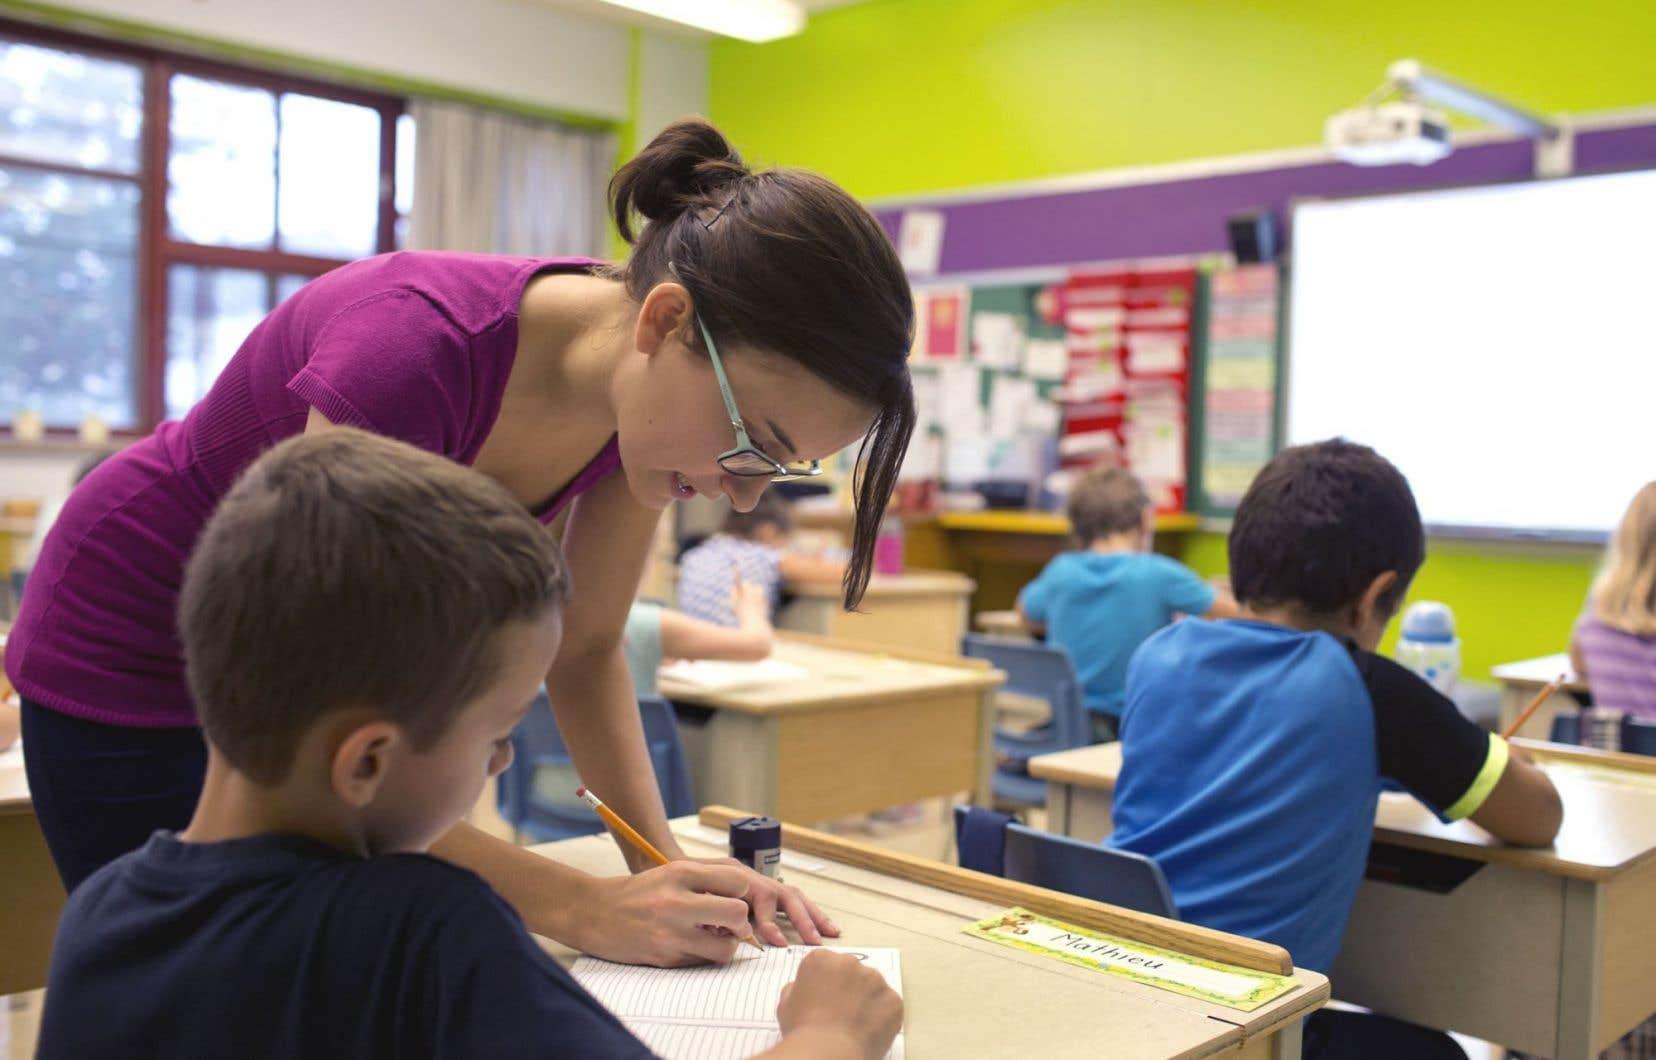 Depuis 1976, la proportion d'élèves du primaire et du secondaire dont la langue maternelle n'est ni le français ni l'anglais est passée de 13,3% à 87,9% en 2015, dans les écoles montréalaises.